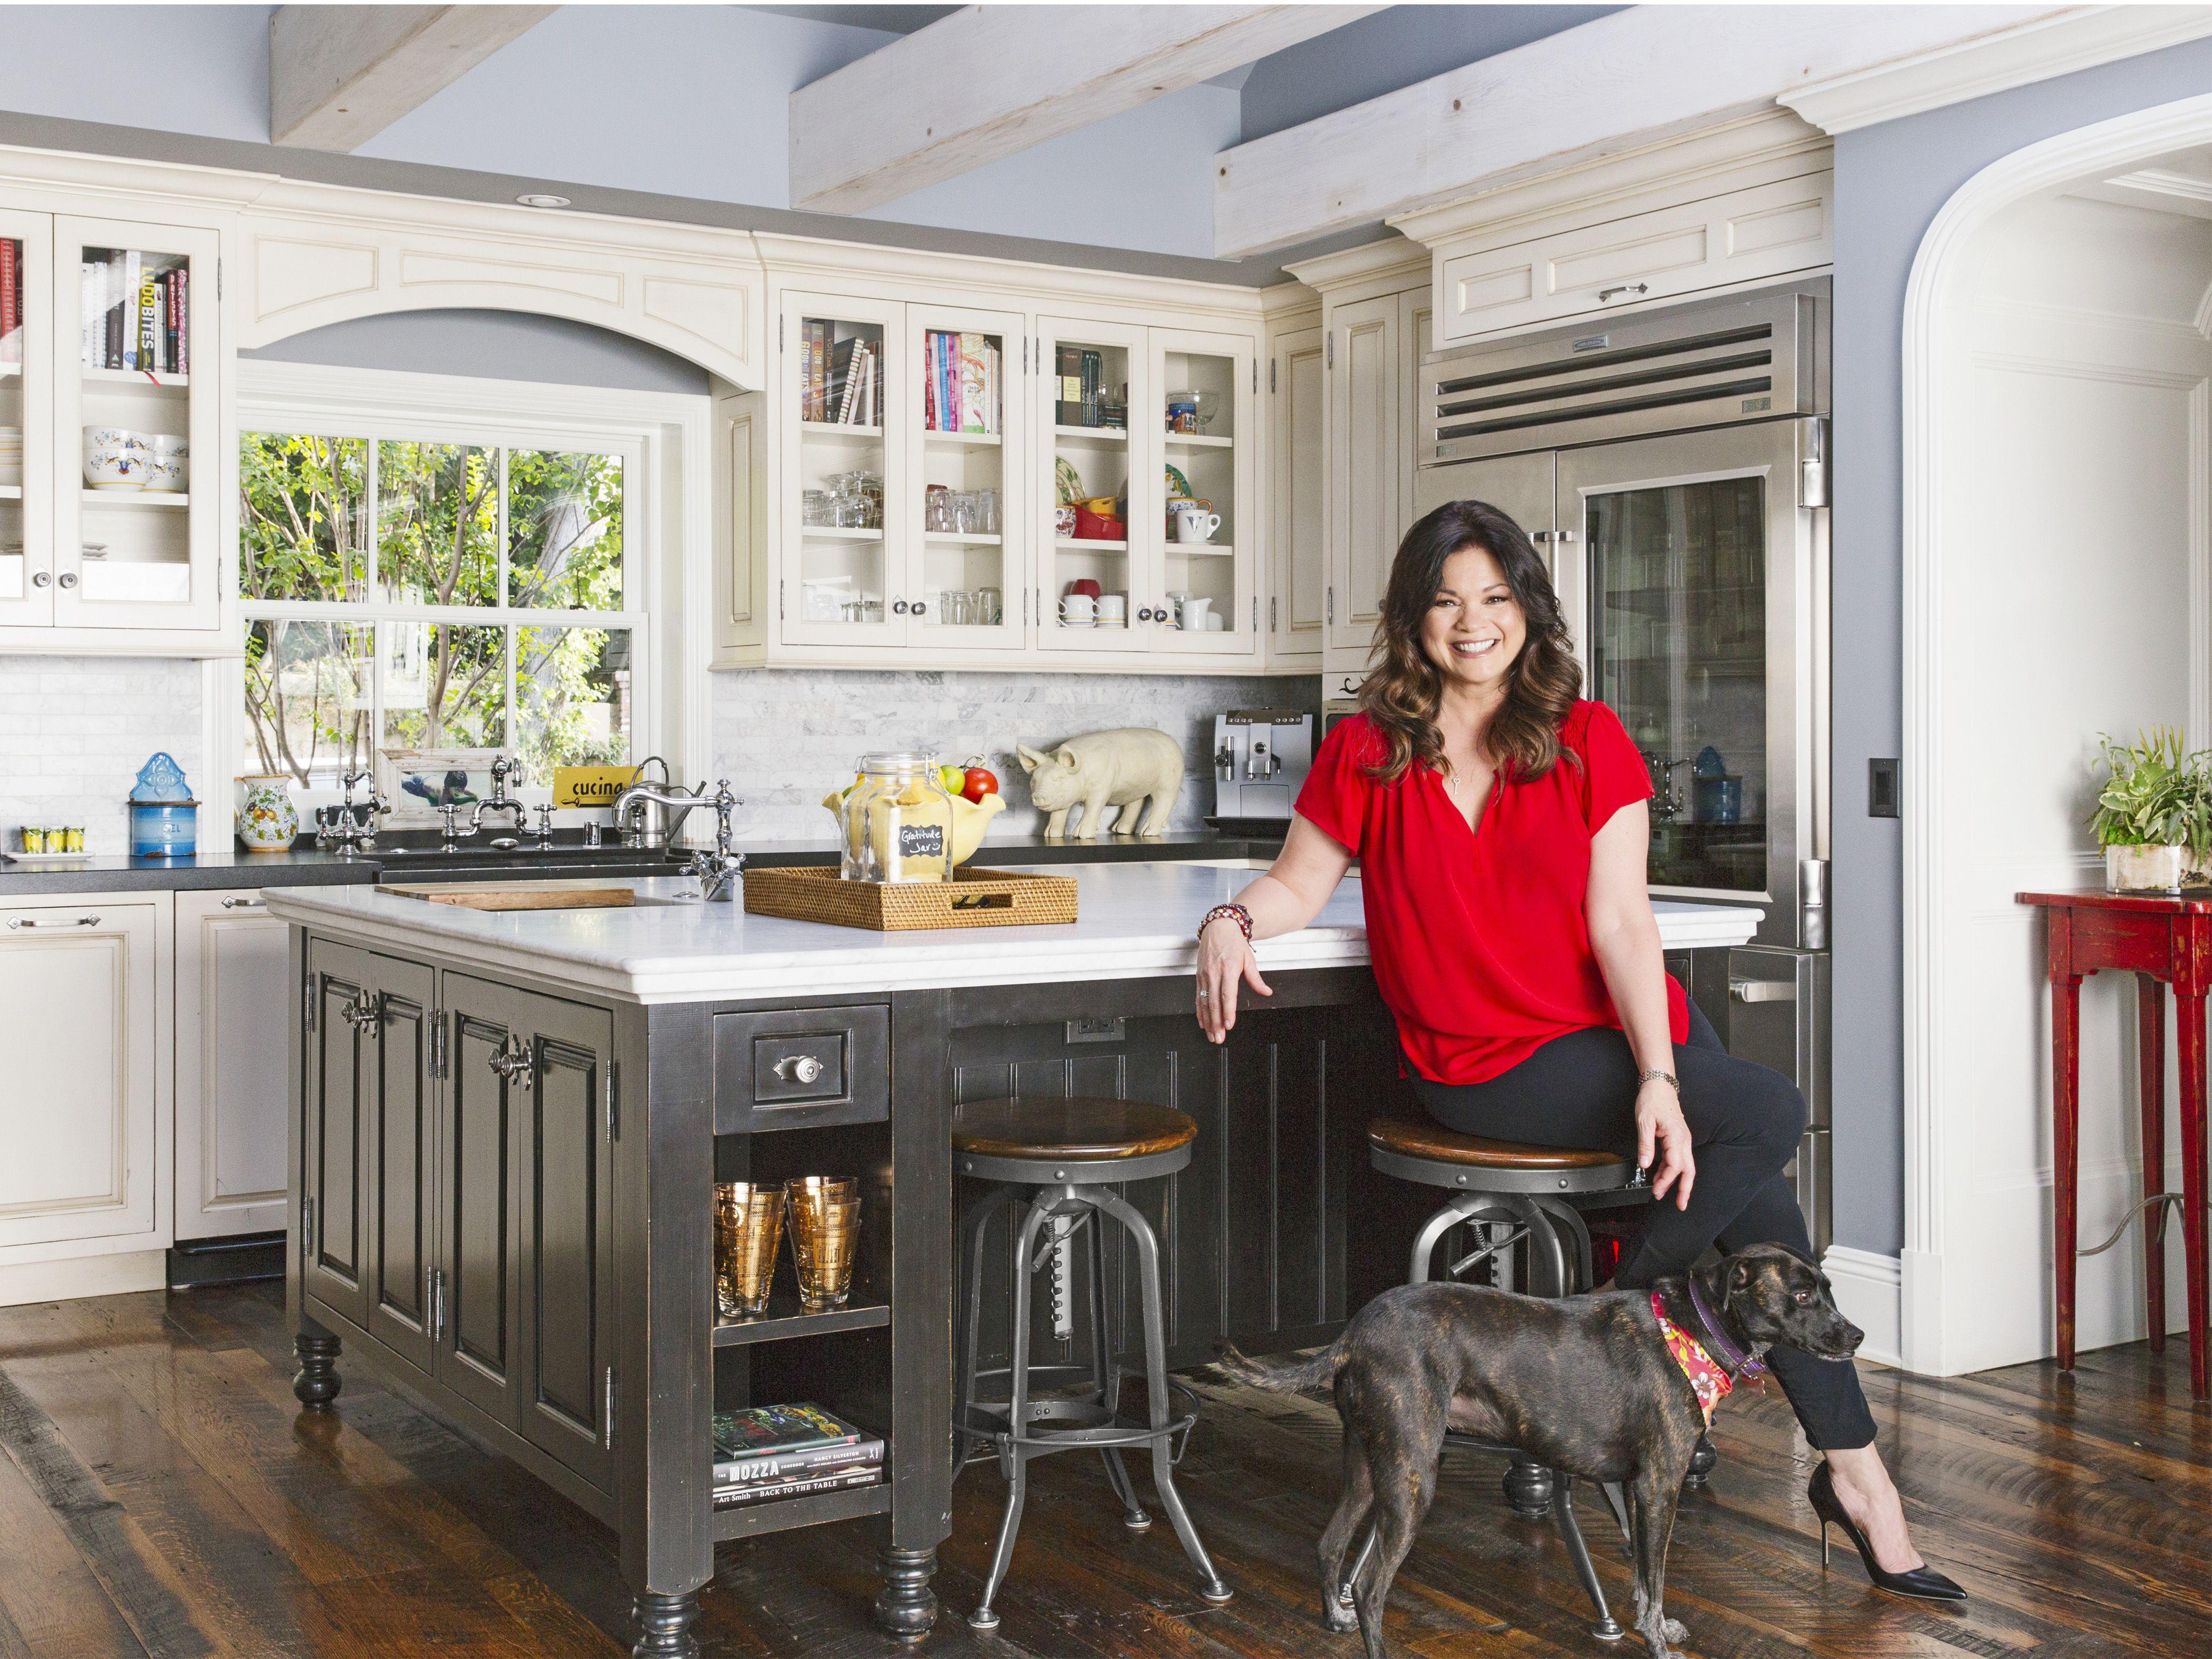 Star Kitchen Valerie Bertinelli Valerie Bertinelli Celebrity Kitchens Food Network Recipes